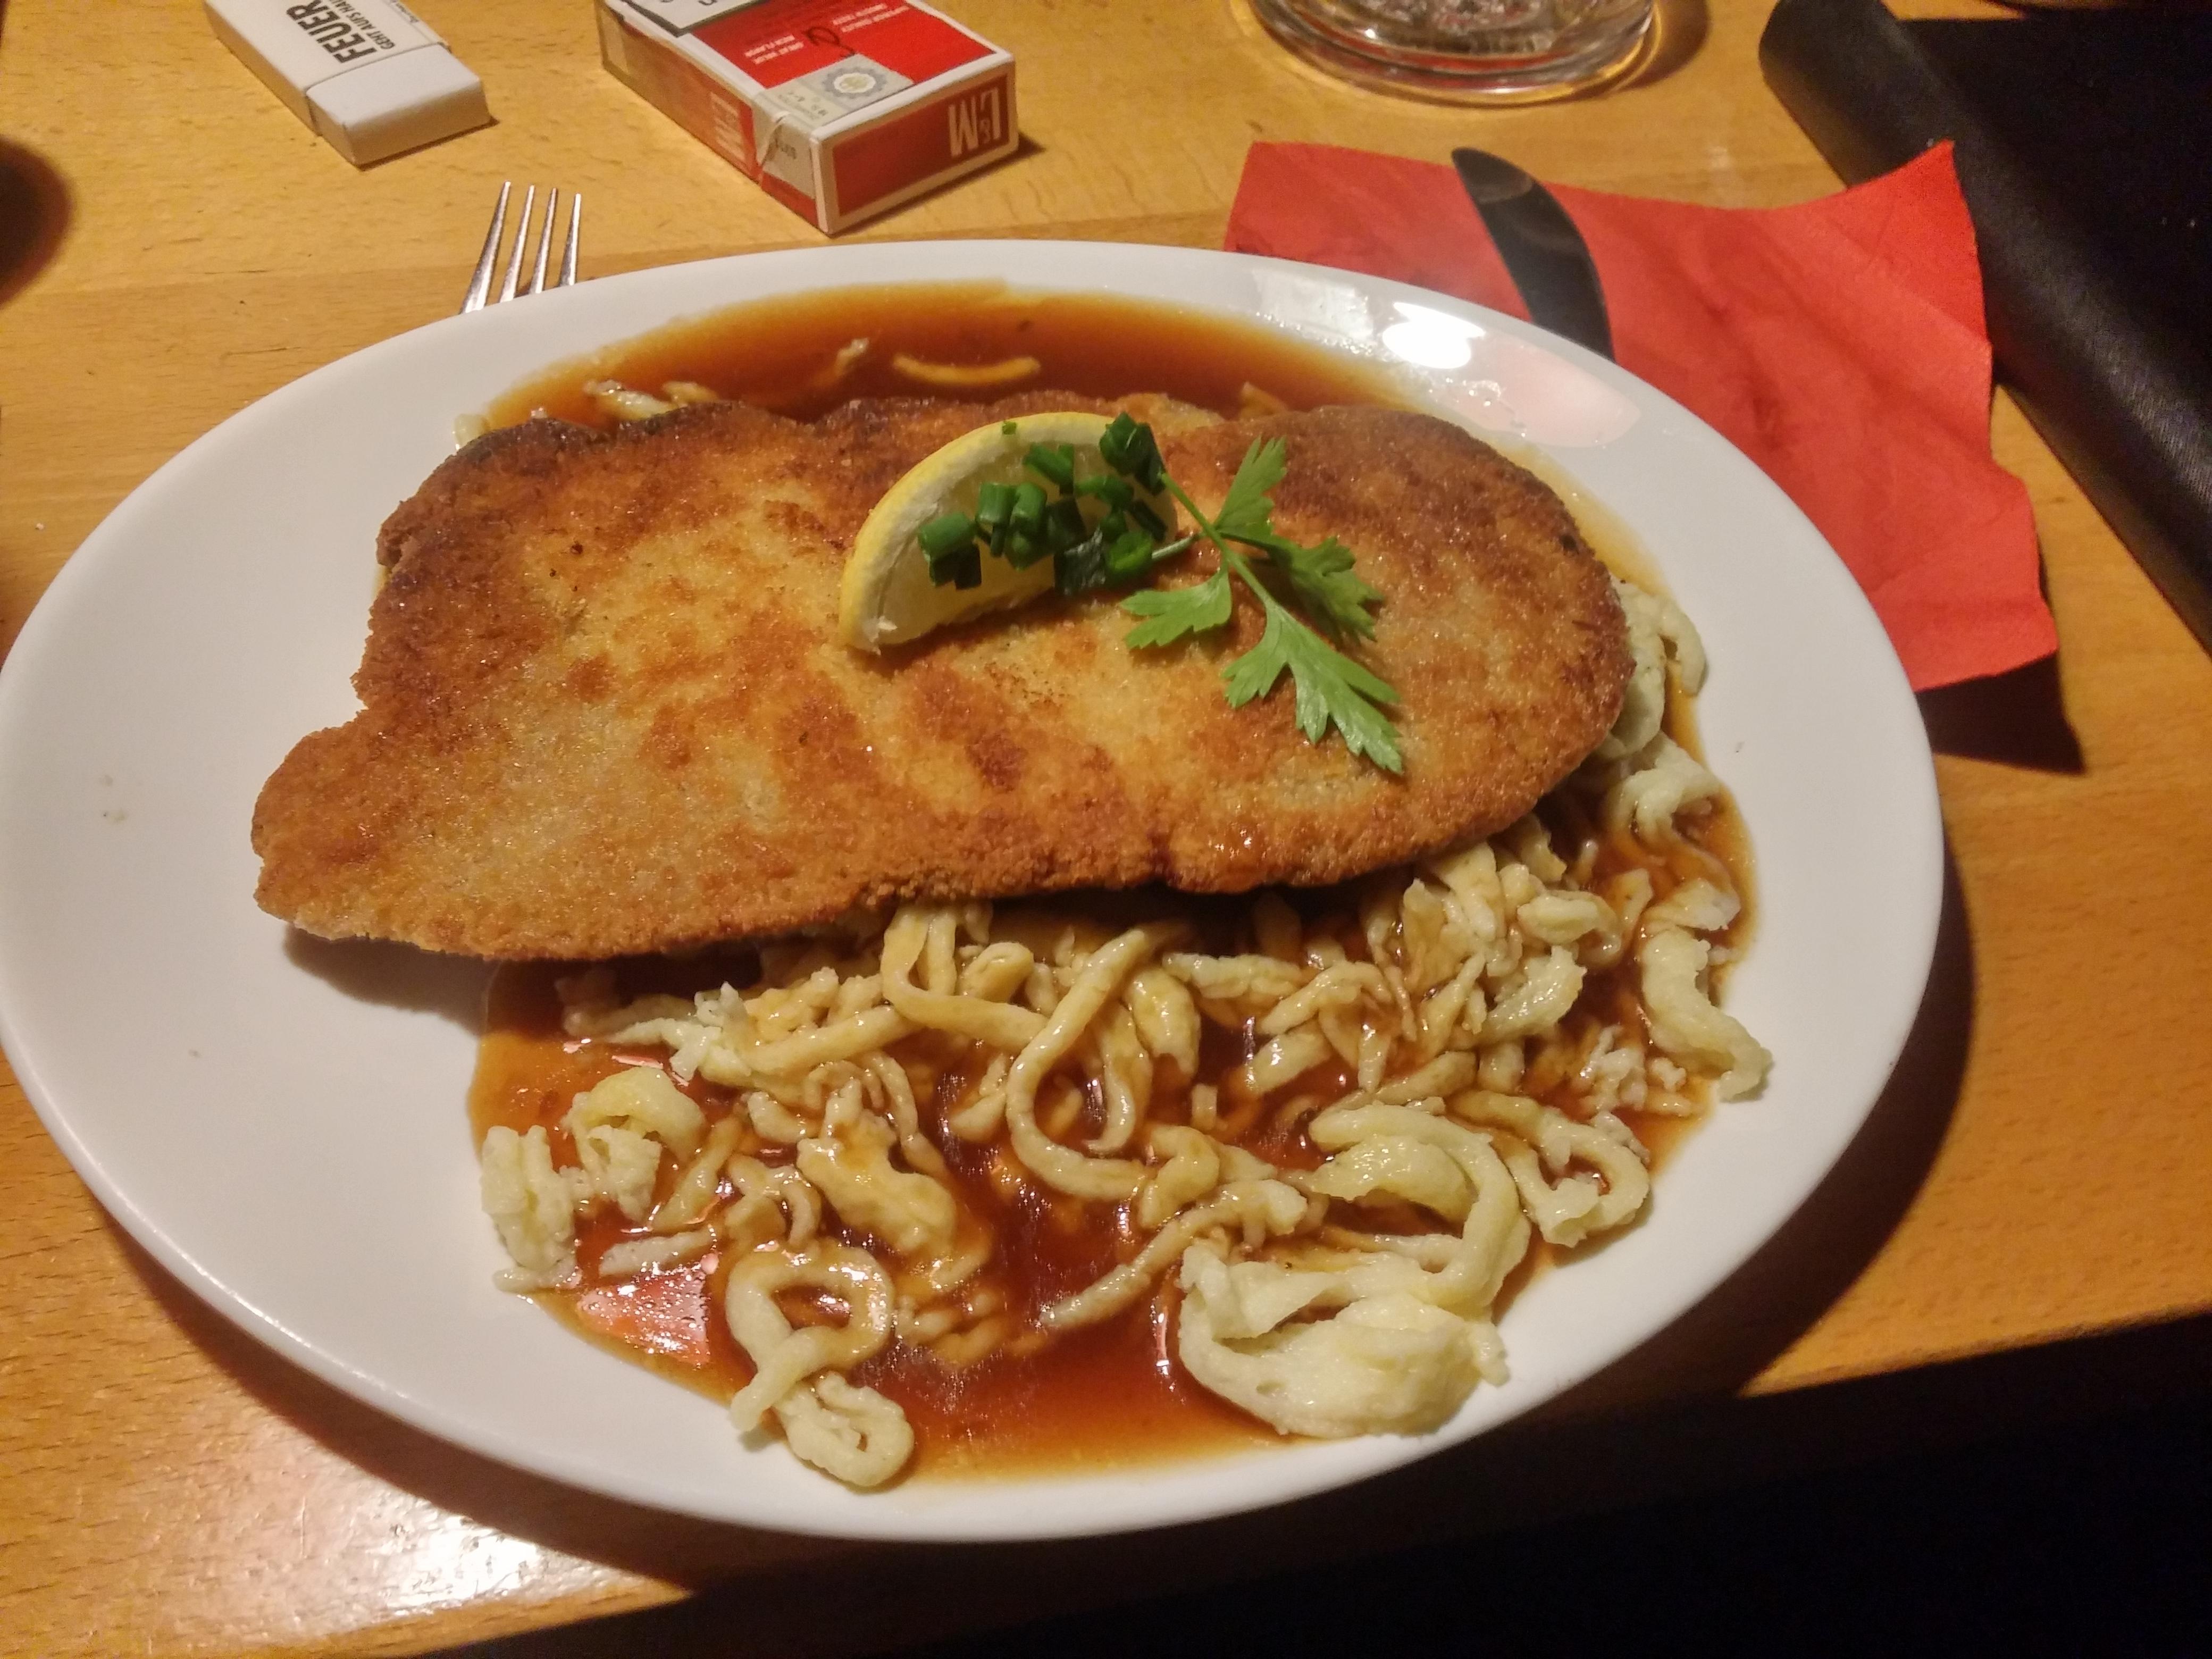 https://foodloader.net/nico_2015-06-05_paniertes-schnitzel-mit-spaetzle.jpg